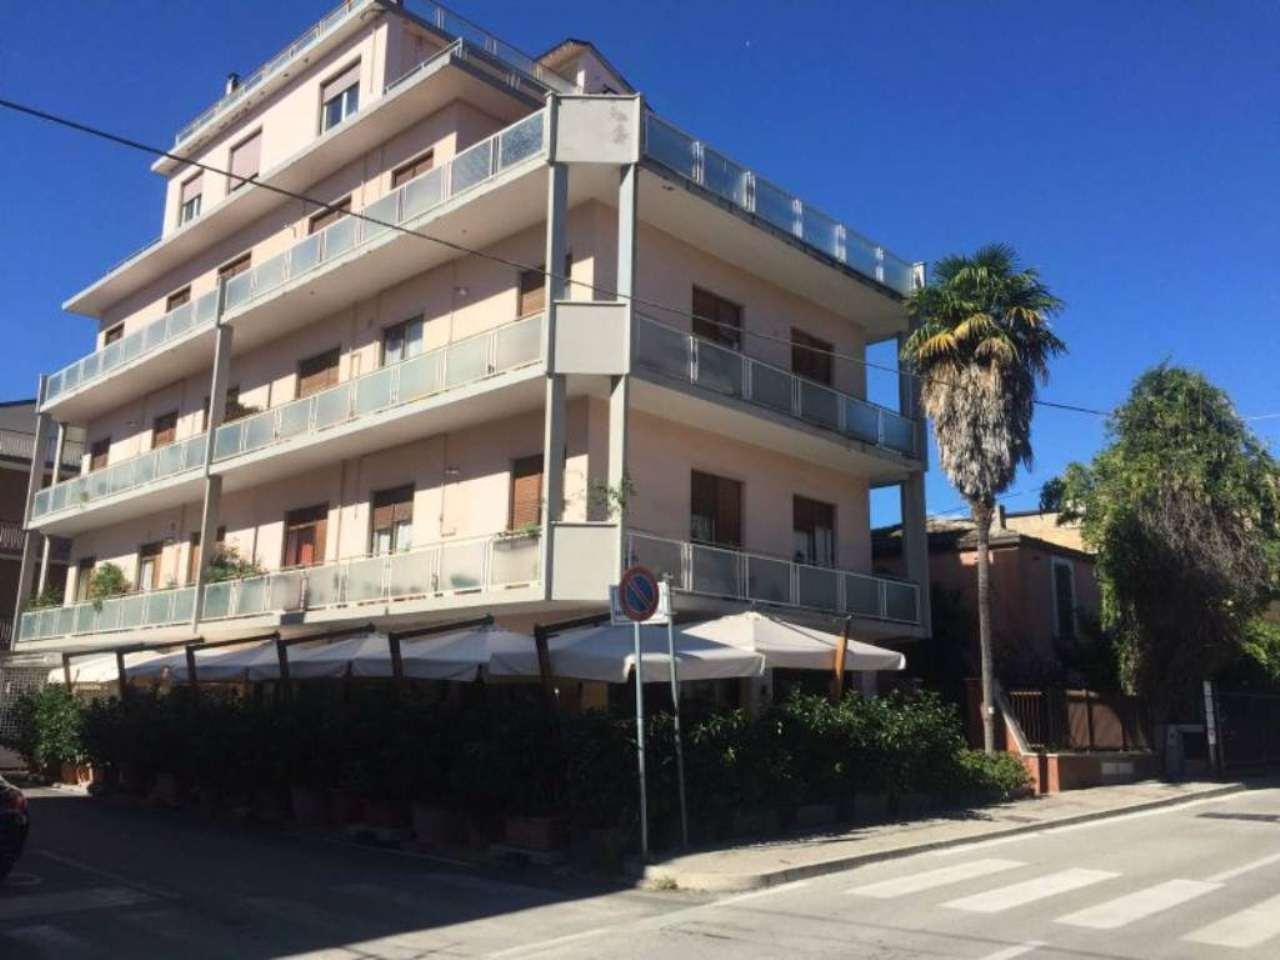 Appartamento in affitto a Pescara, 3 locali, prezzo € 430 | Cambio Casa.it